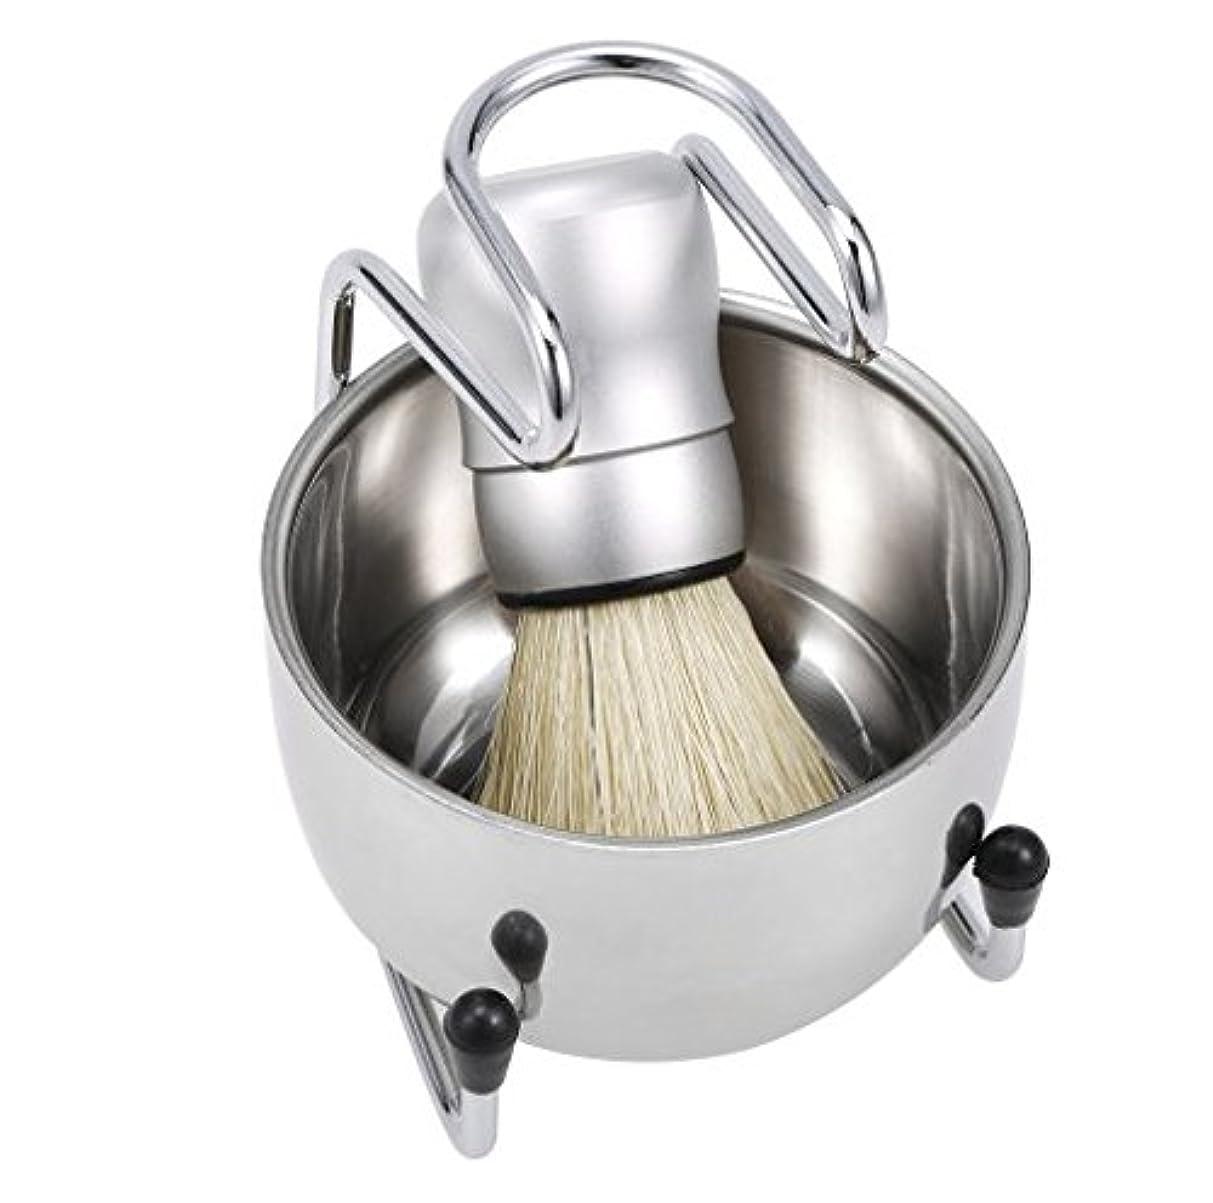 アコード執着反対に3 in 1 Men's Shaving Tools Set Well Polished Shaving Brush Soap Bowl Stand Holder Badger Hair Male Face Cleaning